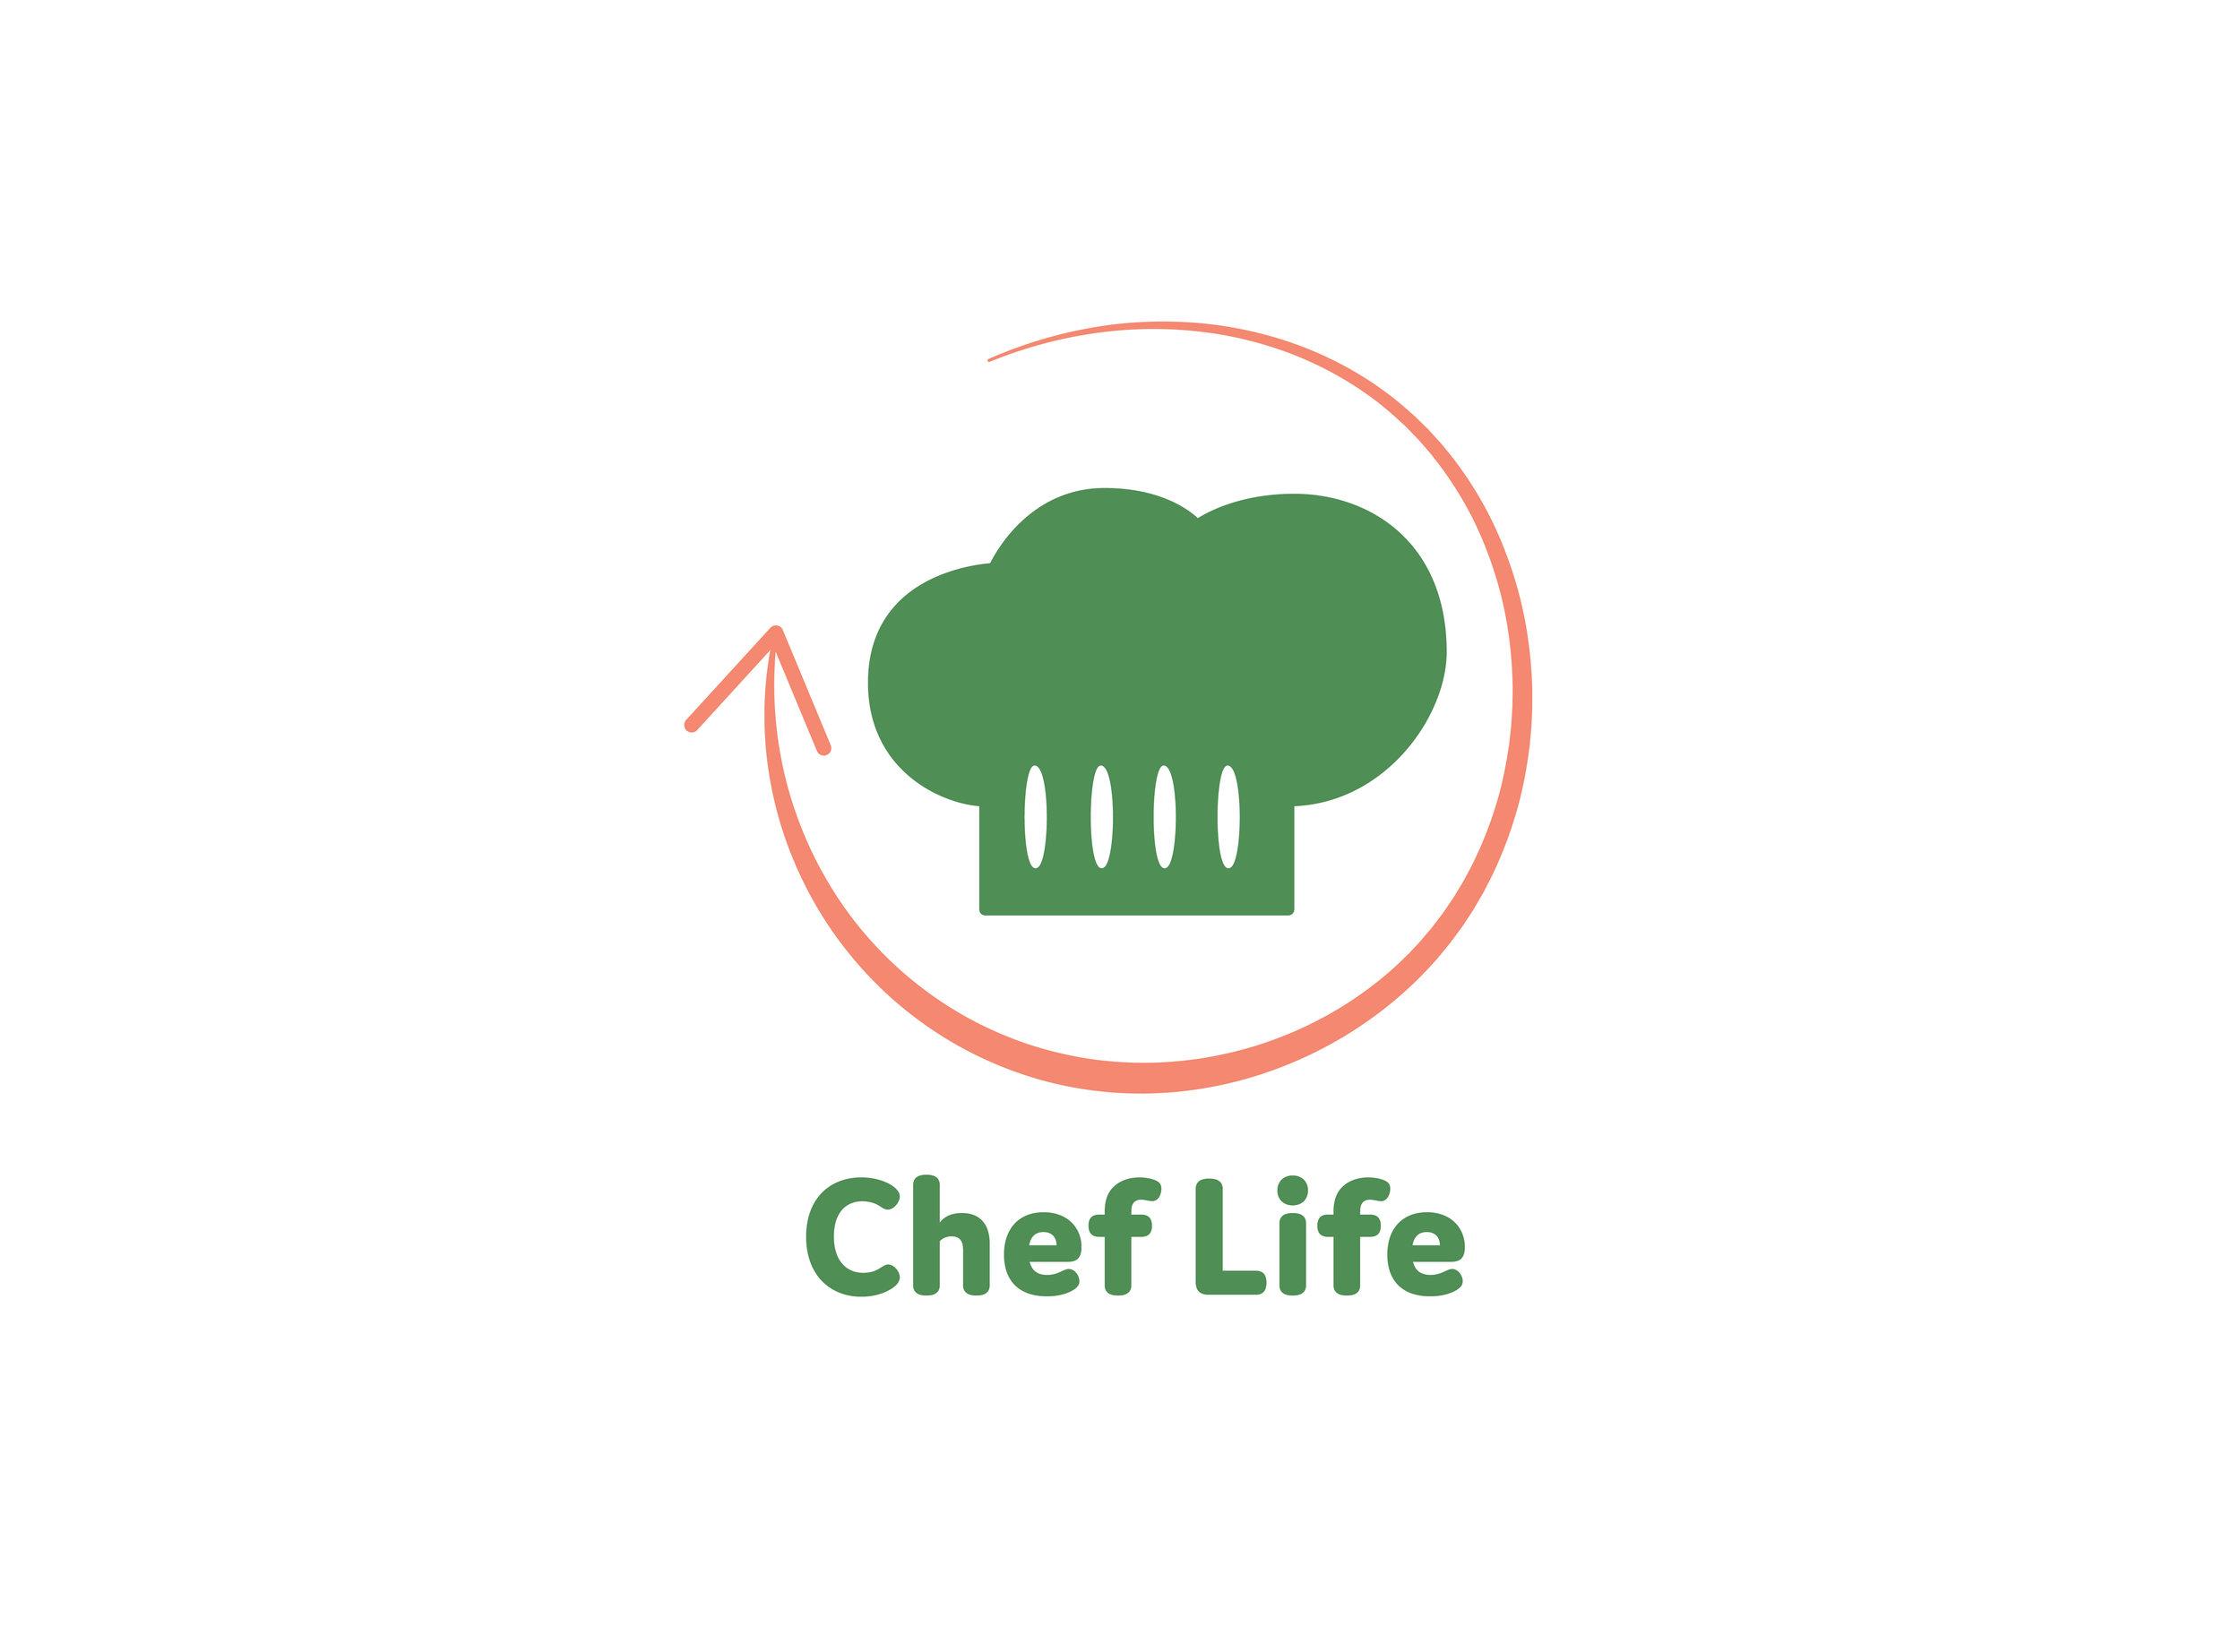 Chef Life - Full-01.jpg